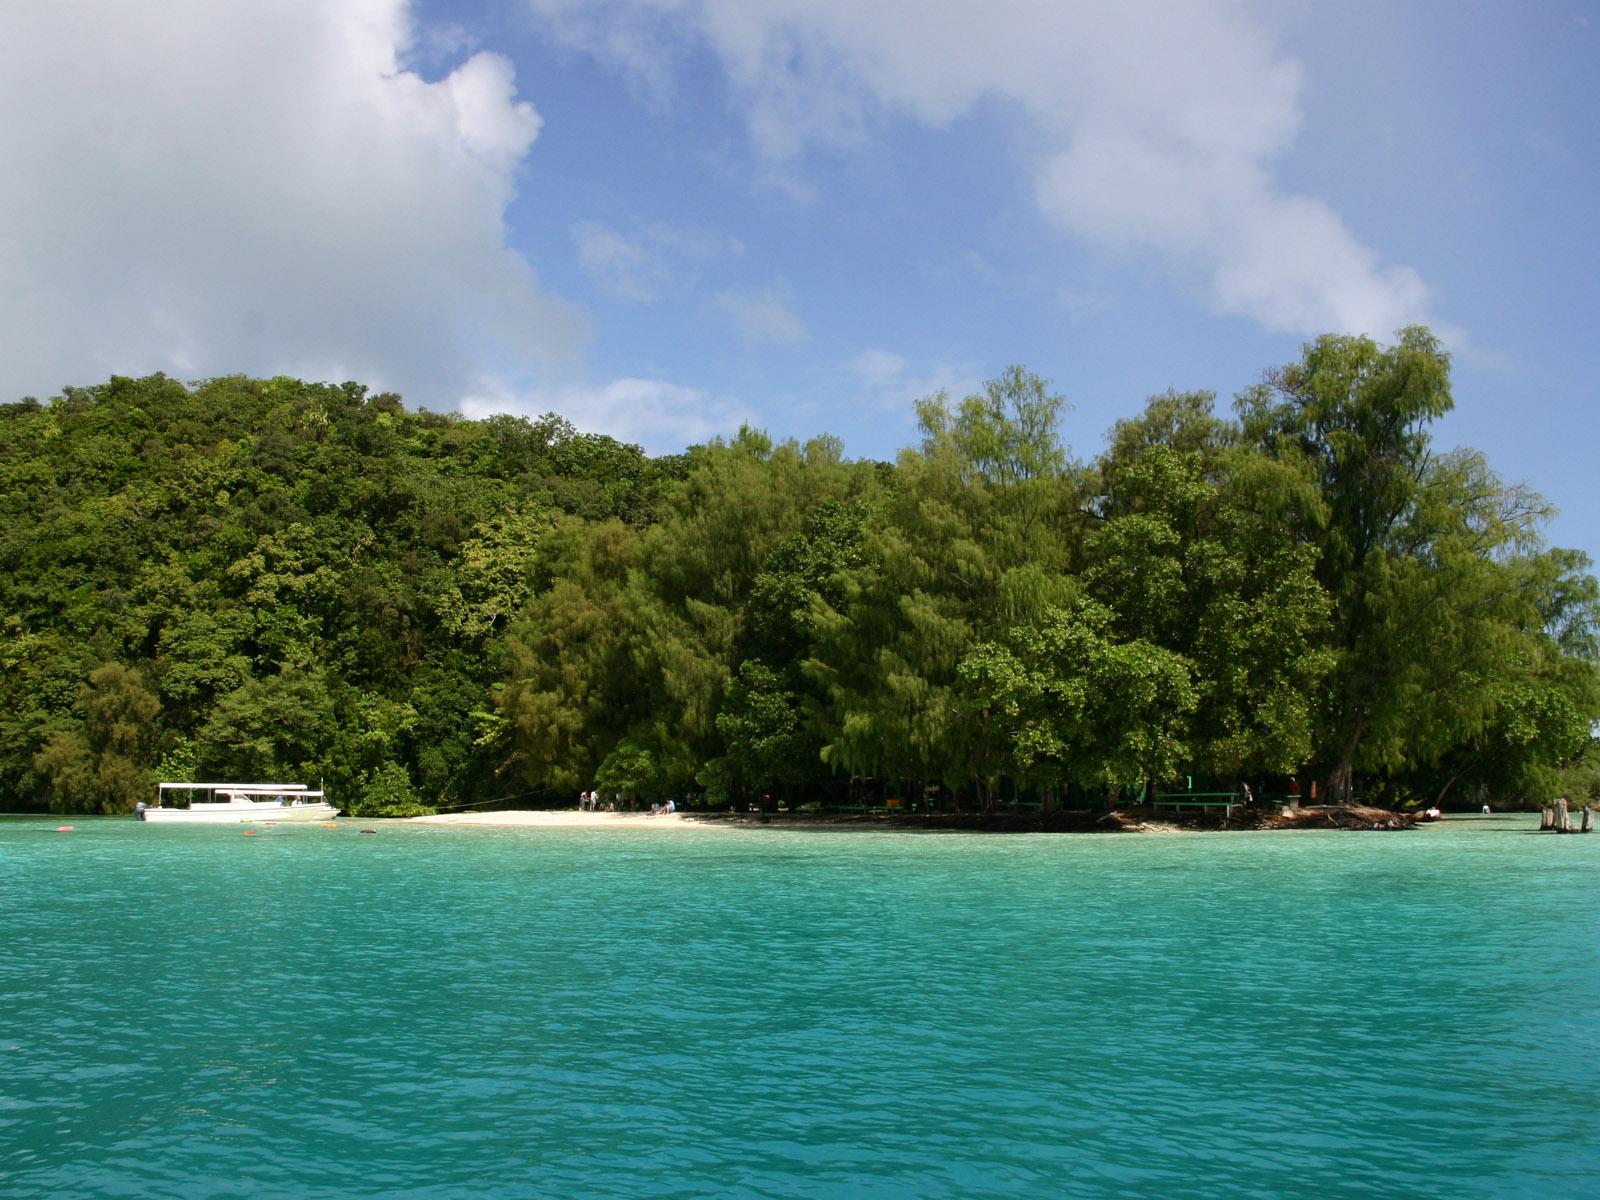 1600×12001920×1080 ガルメアウス島51024×7681... ガルメアウス島